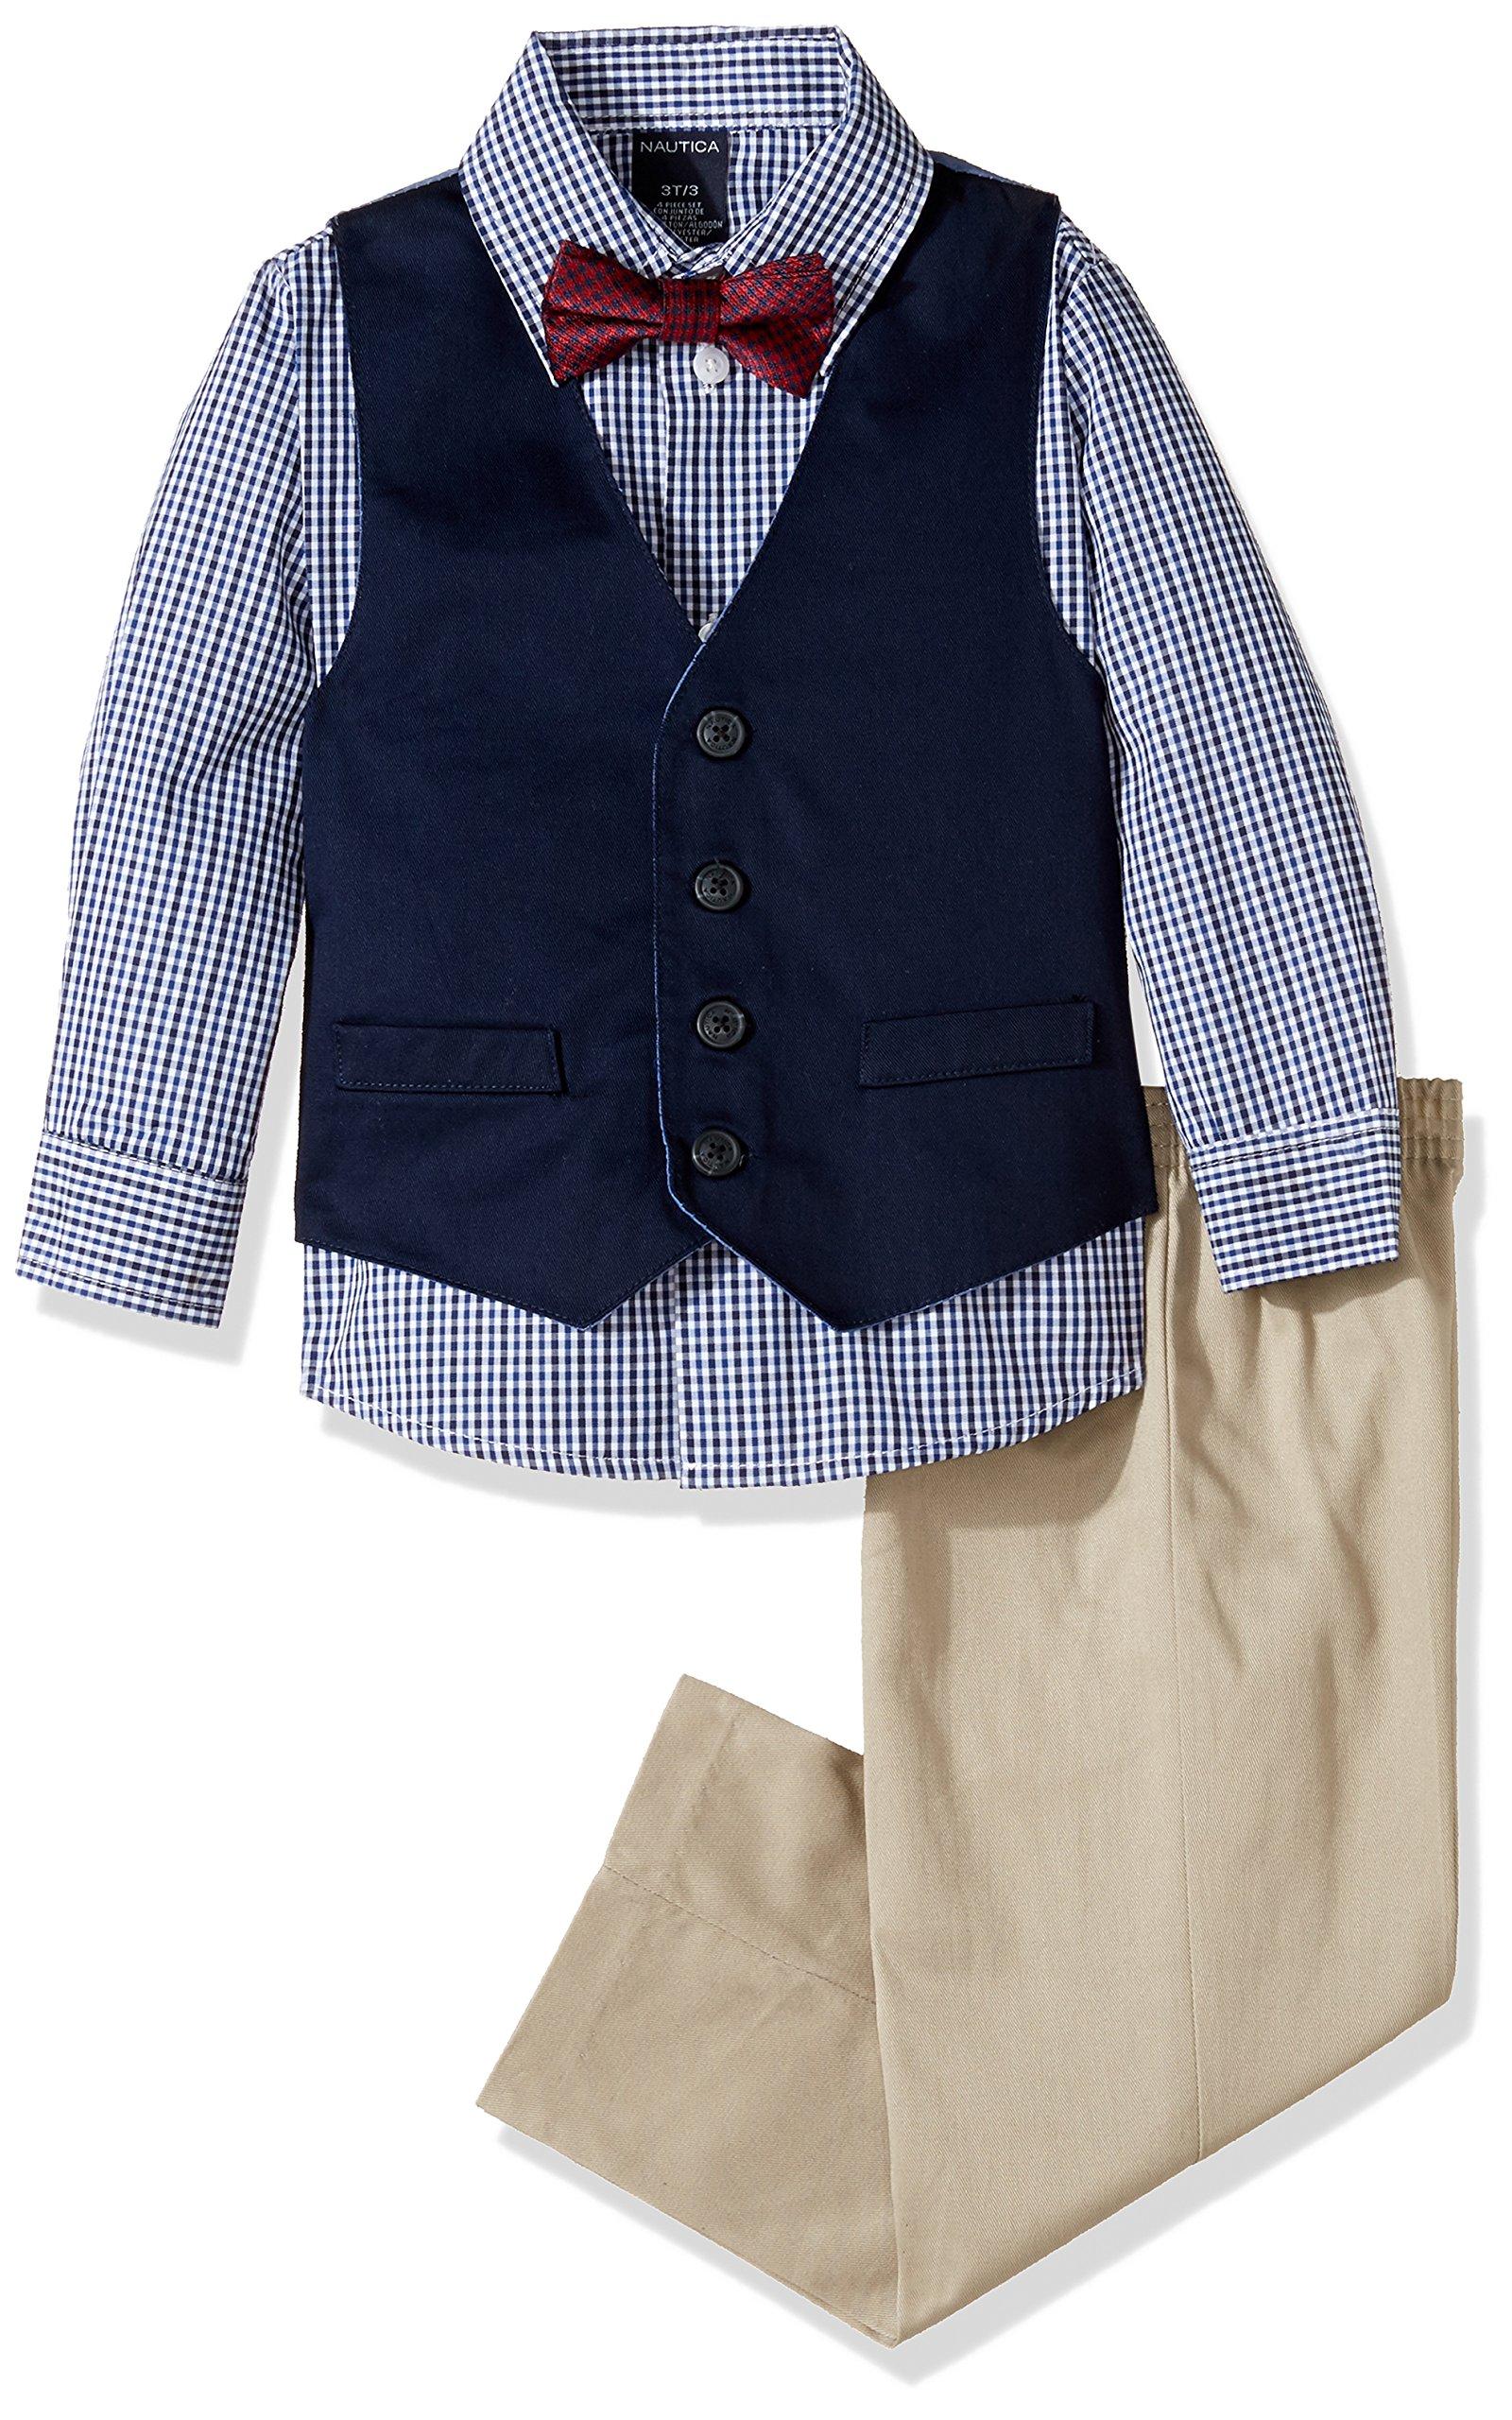 Nautica Boys' 4-Piece Vest Set with Dress Shirt, Bow Tie, Vest, and Pants, Khaki, 3T